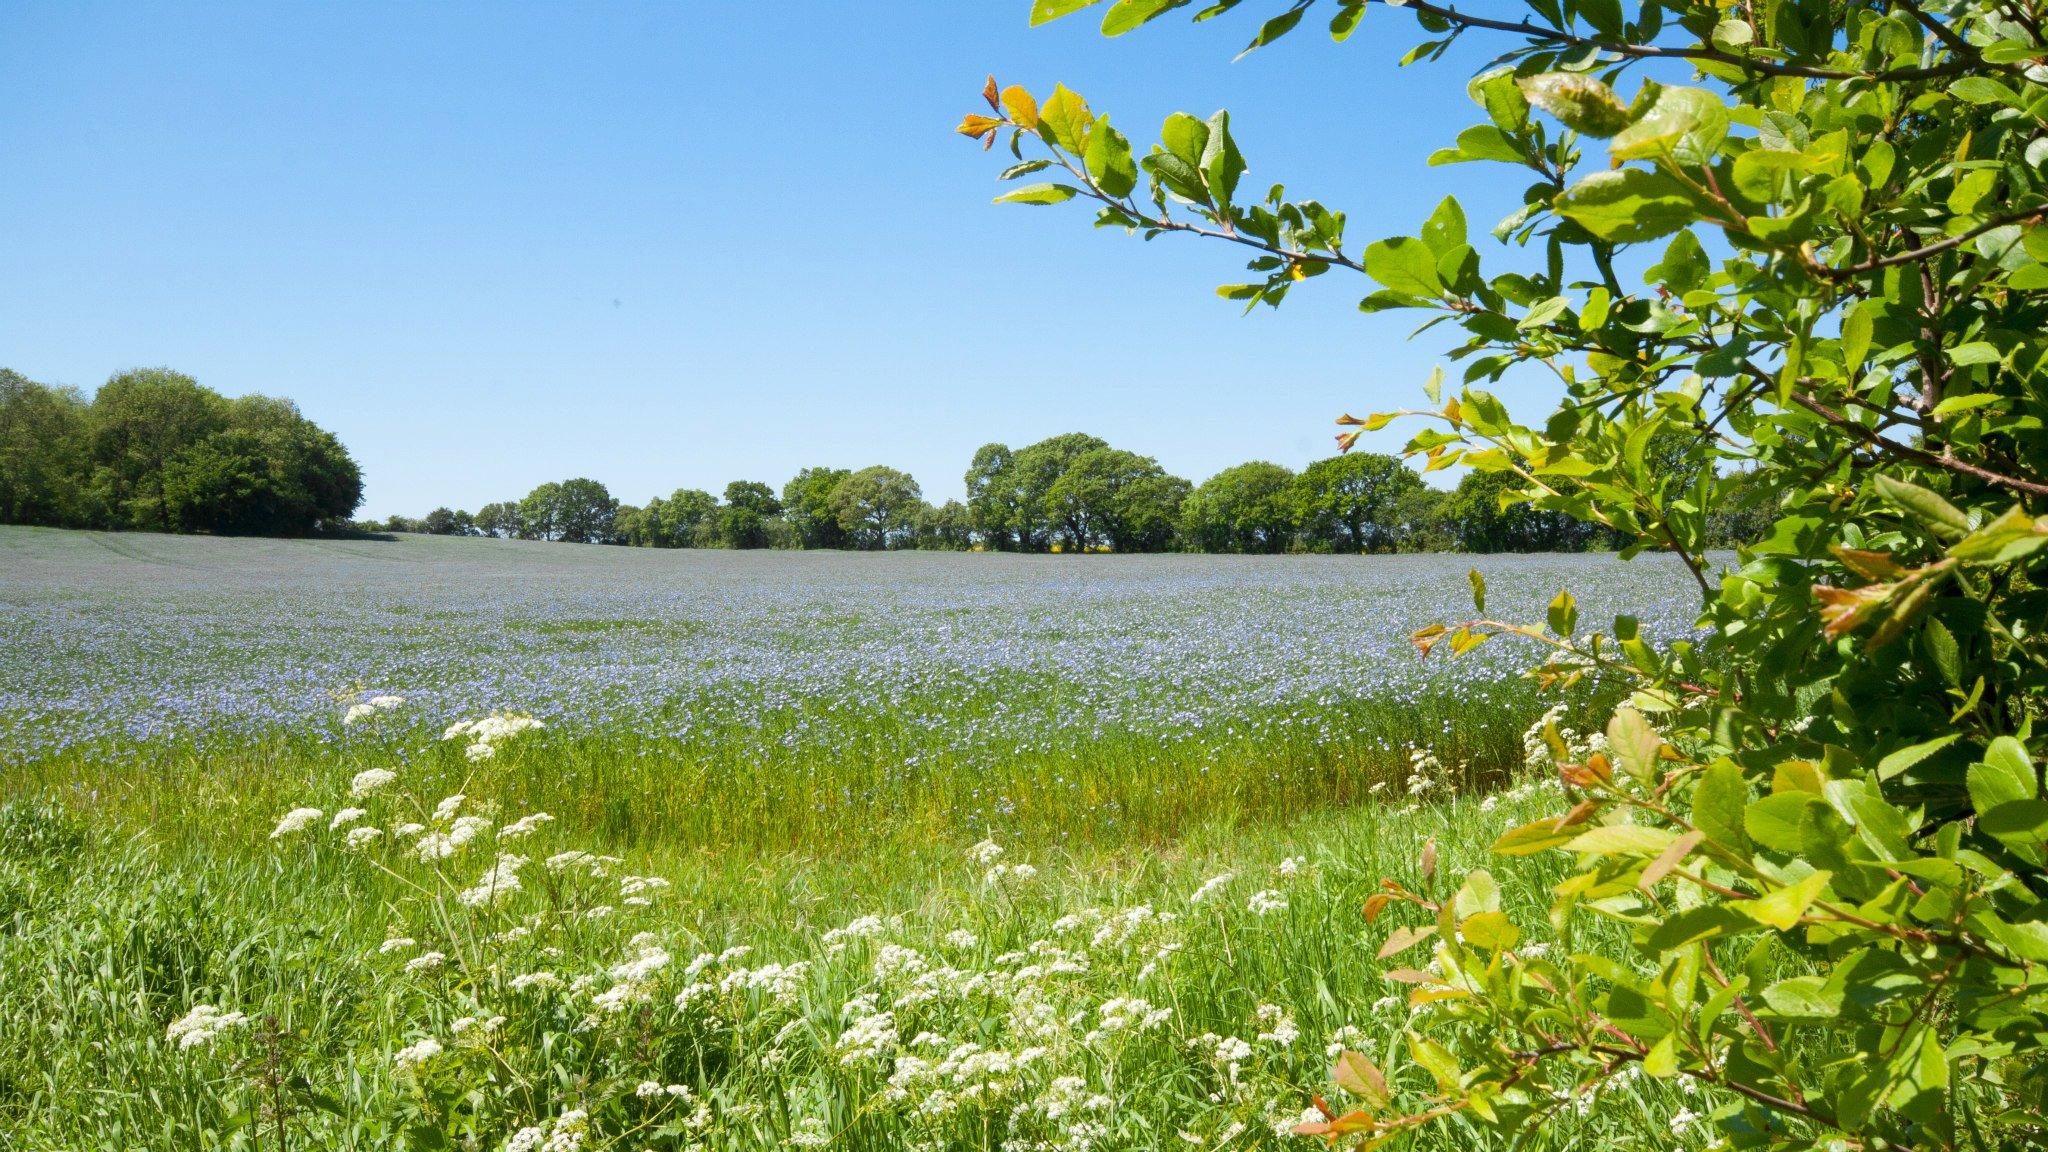 Considering the environment, Broadhembury, Fields